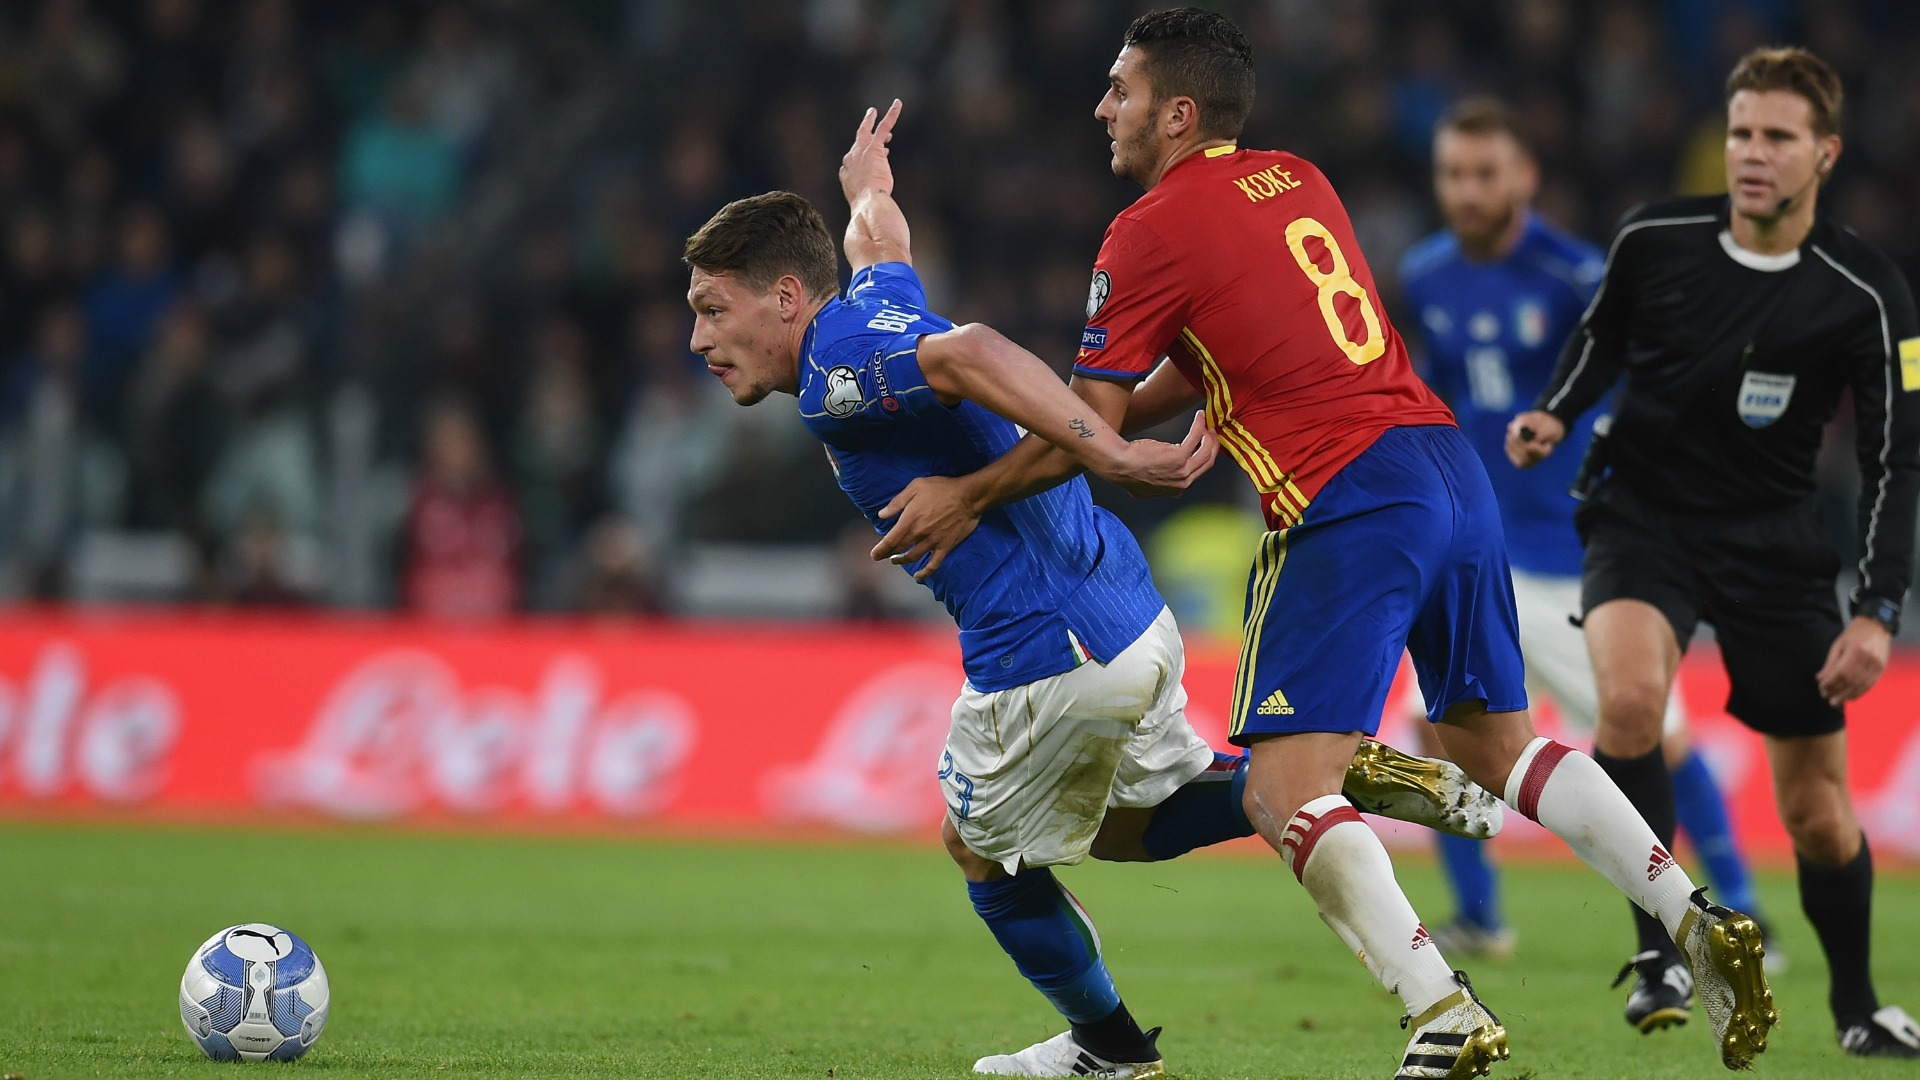 Mondiali 2018, Macedonia-Italia 2-3: Immobile salva gli azzurri